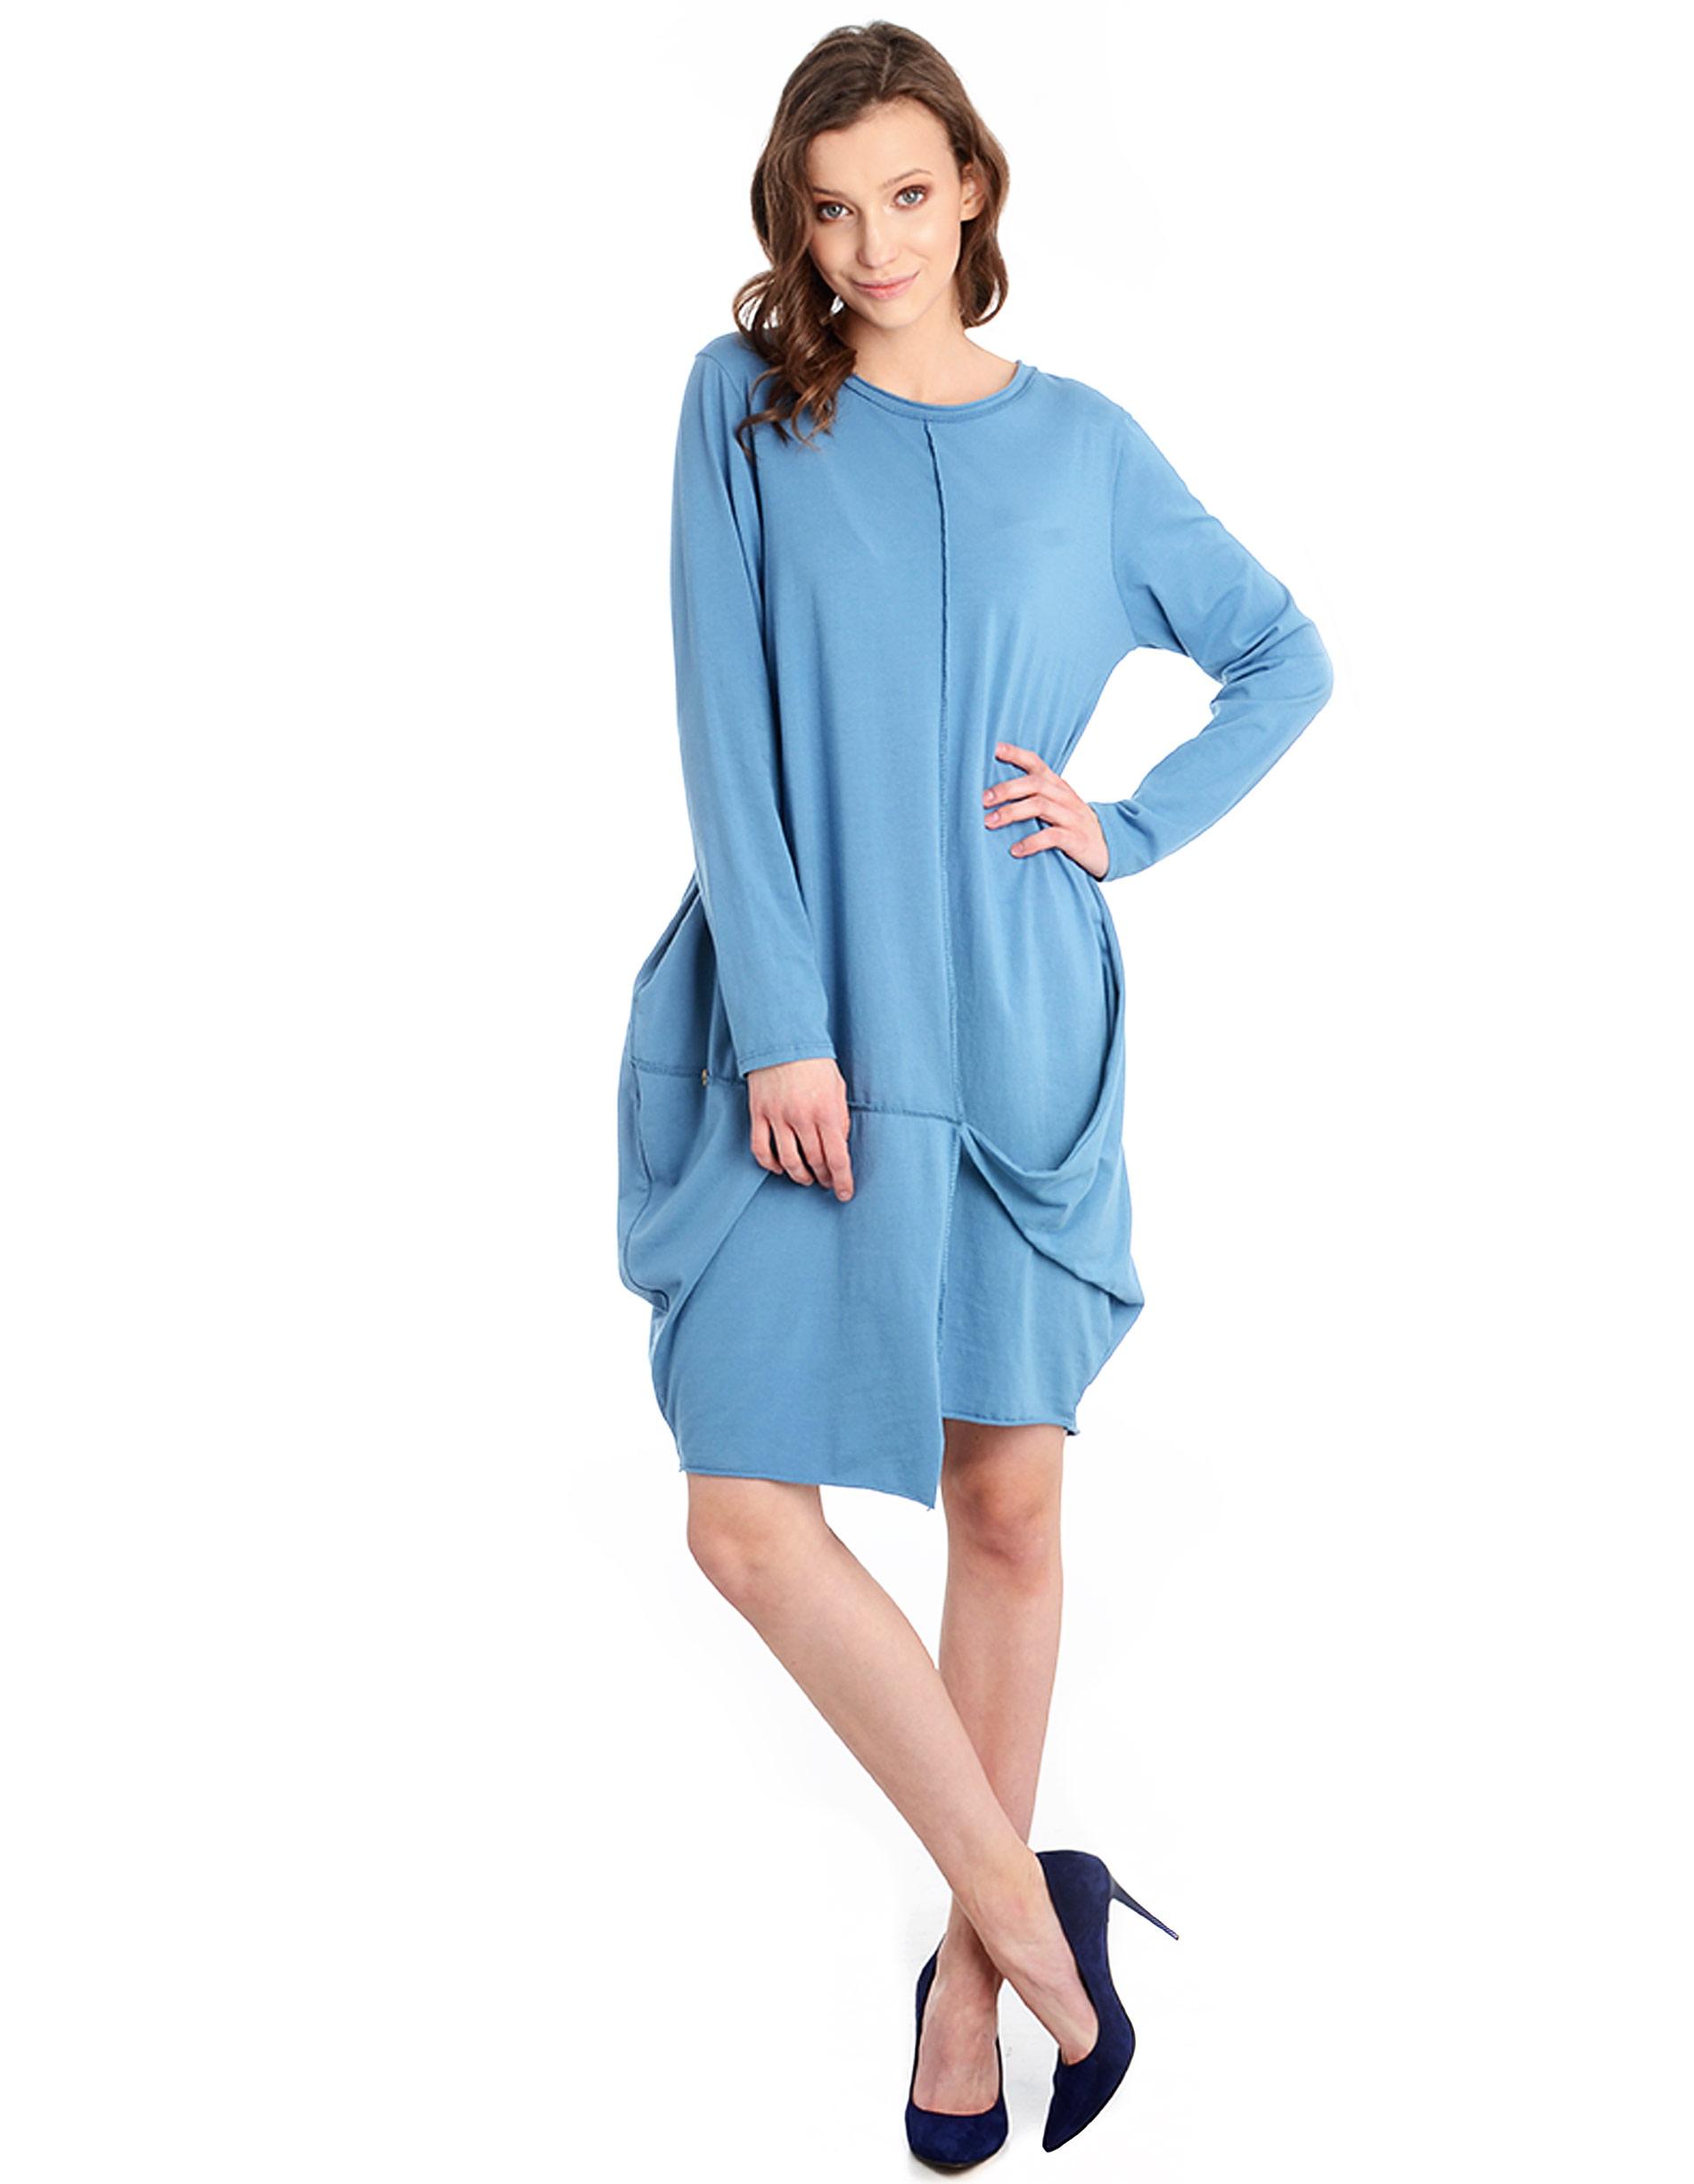 Sukienka - 109-6316 JEAN - Unisono